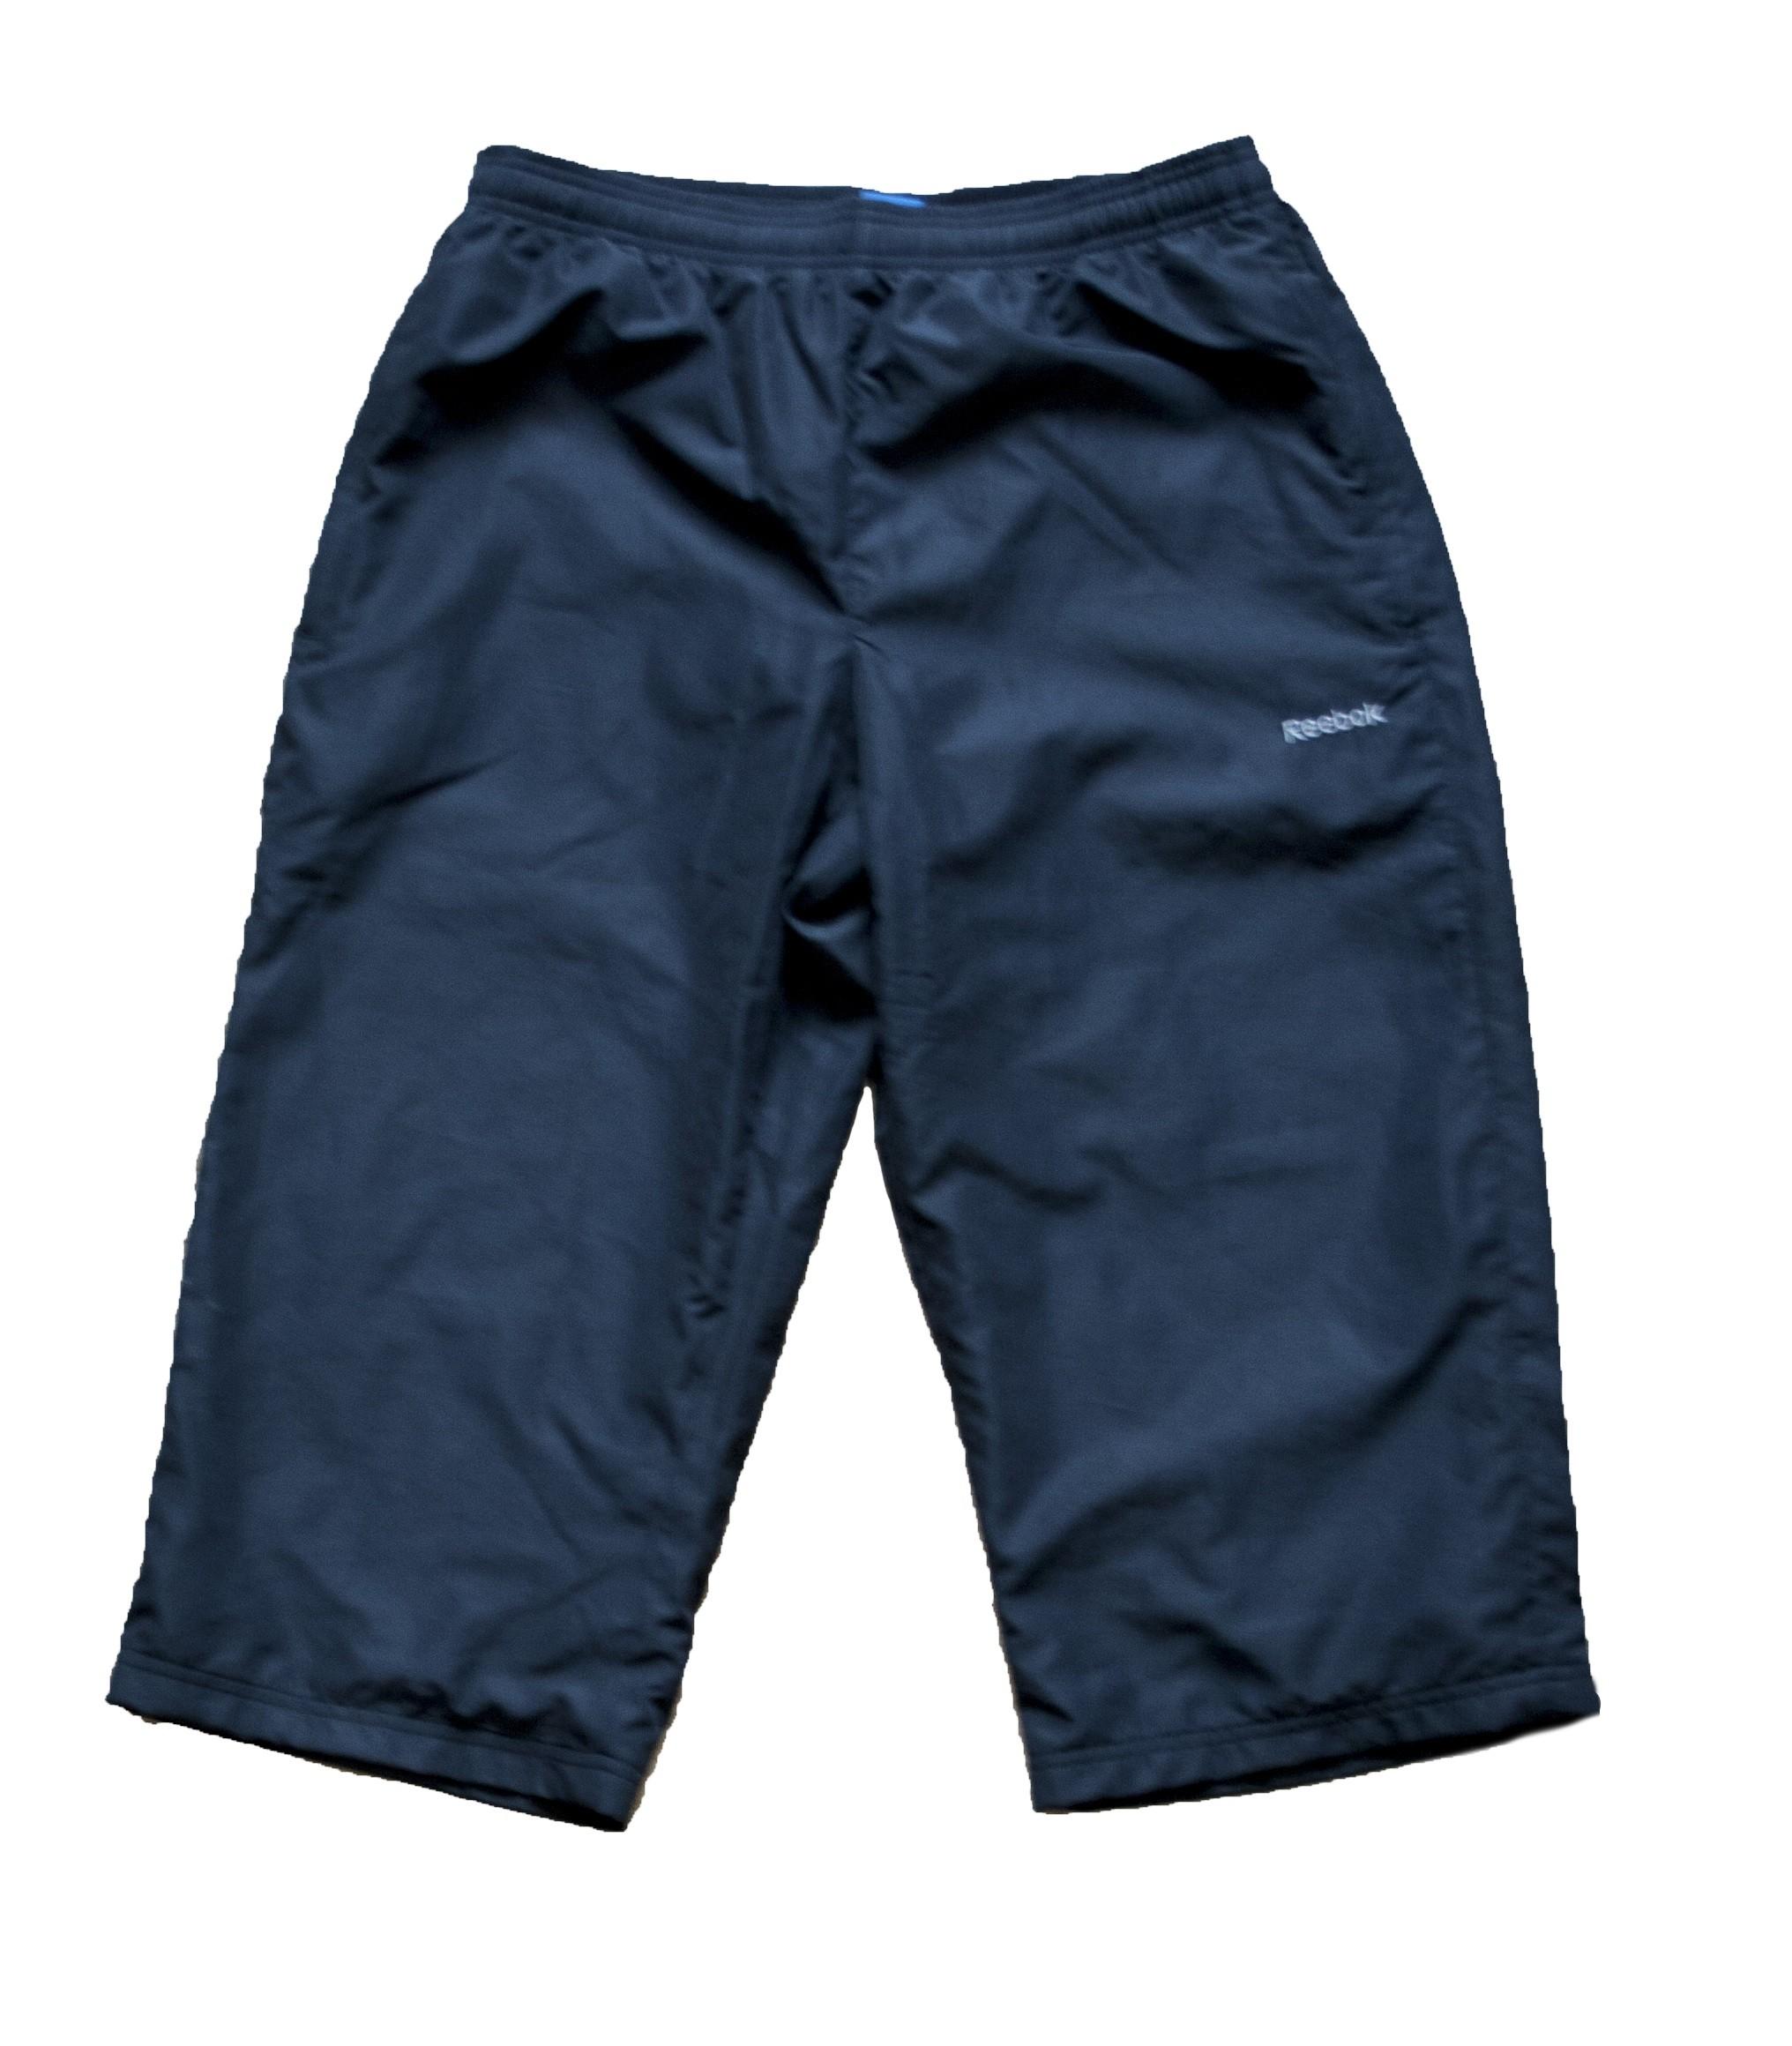 Reebok Core Spoly 3/4 Pants